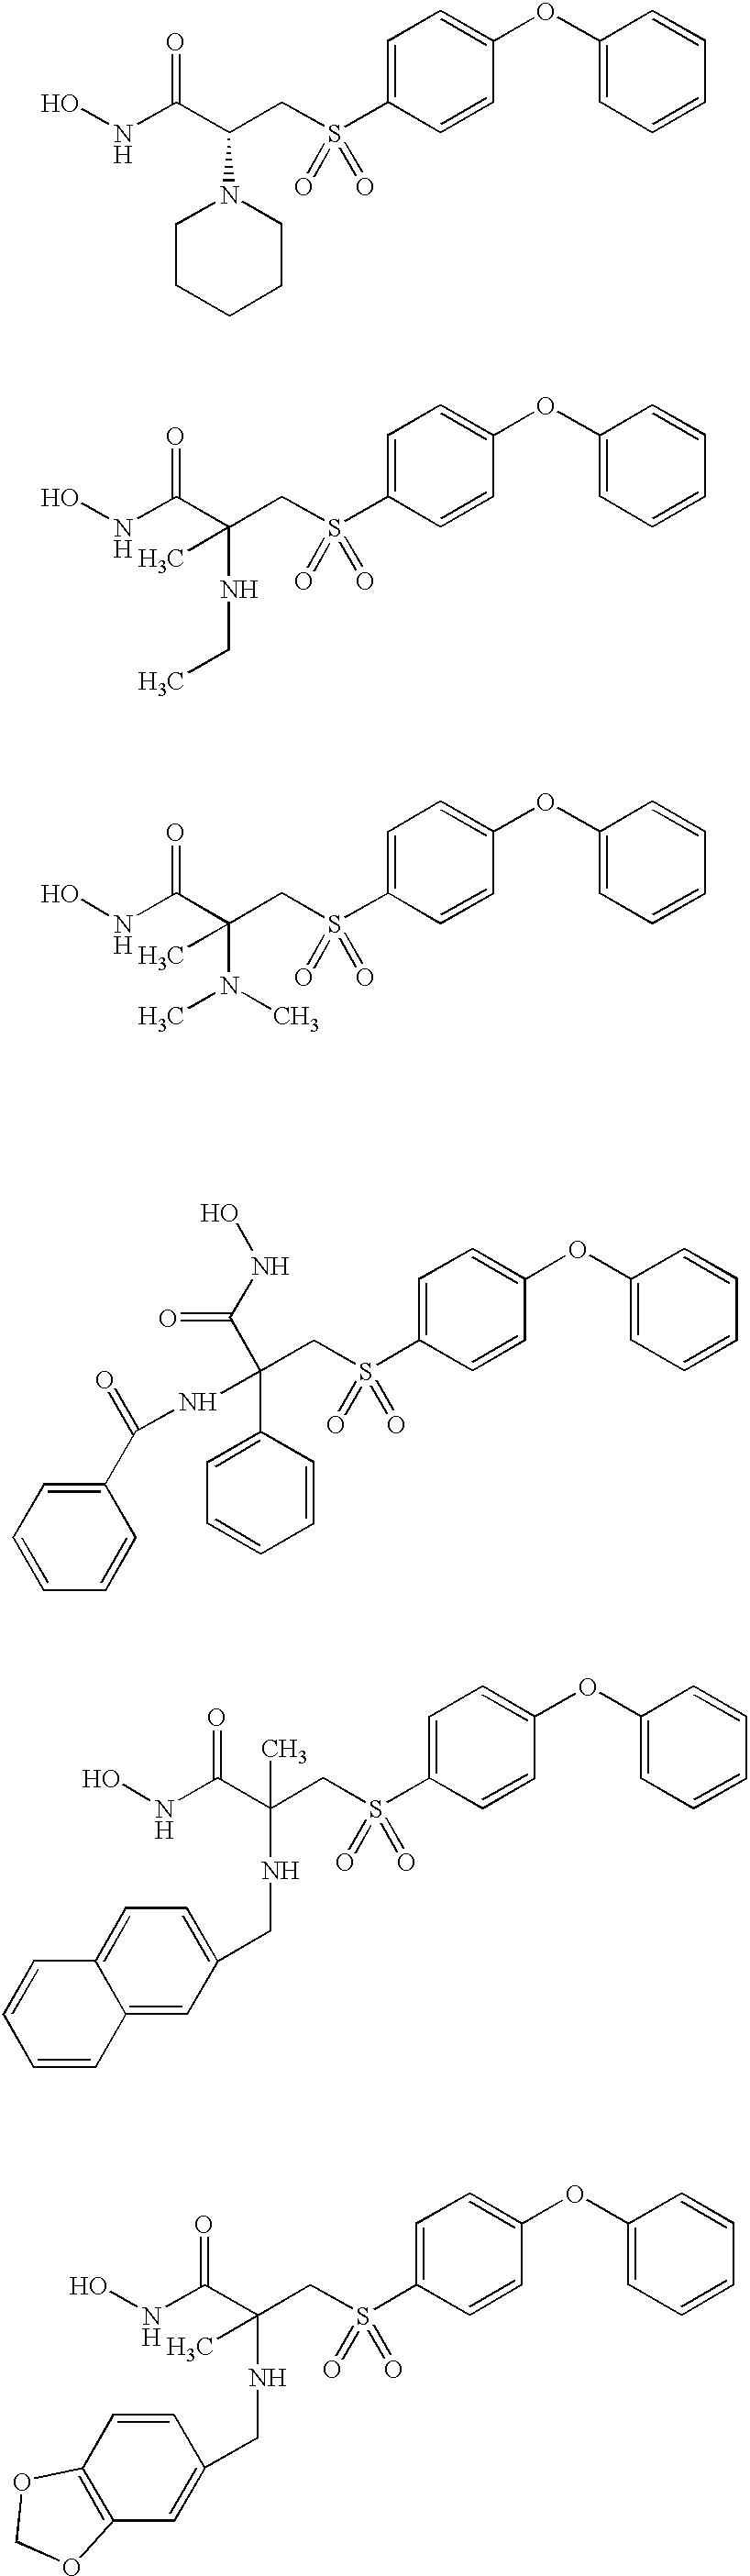 Figure US06583299-20030624-C00135